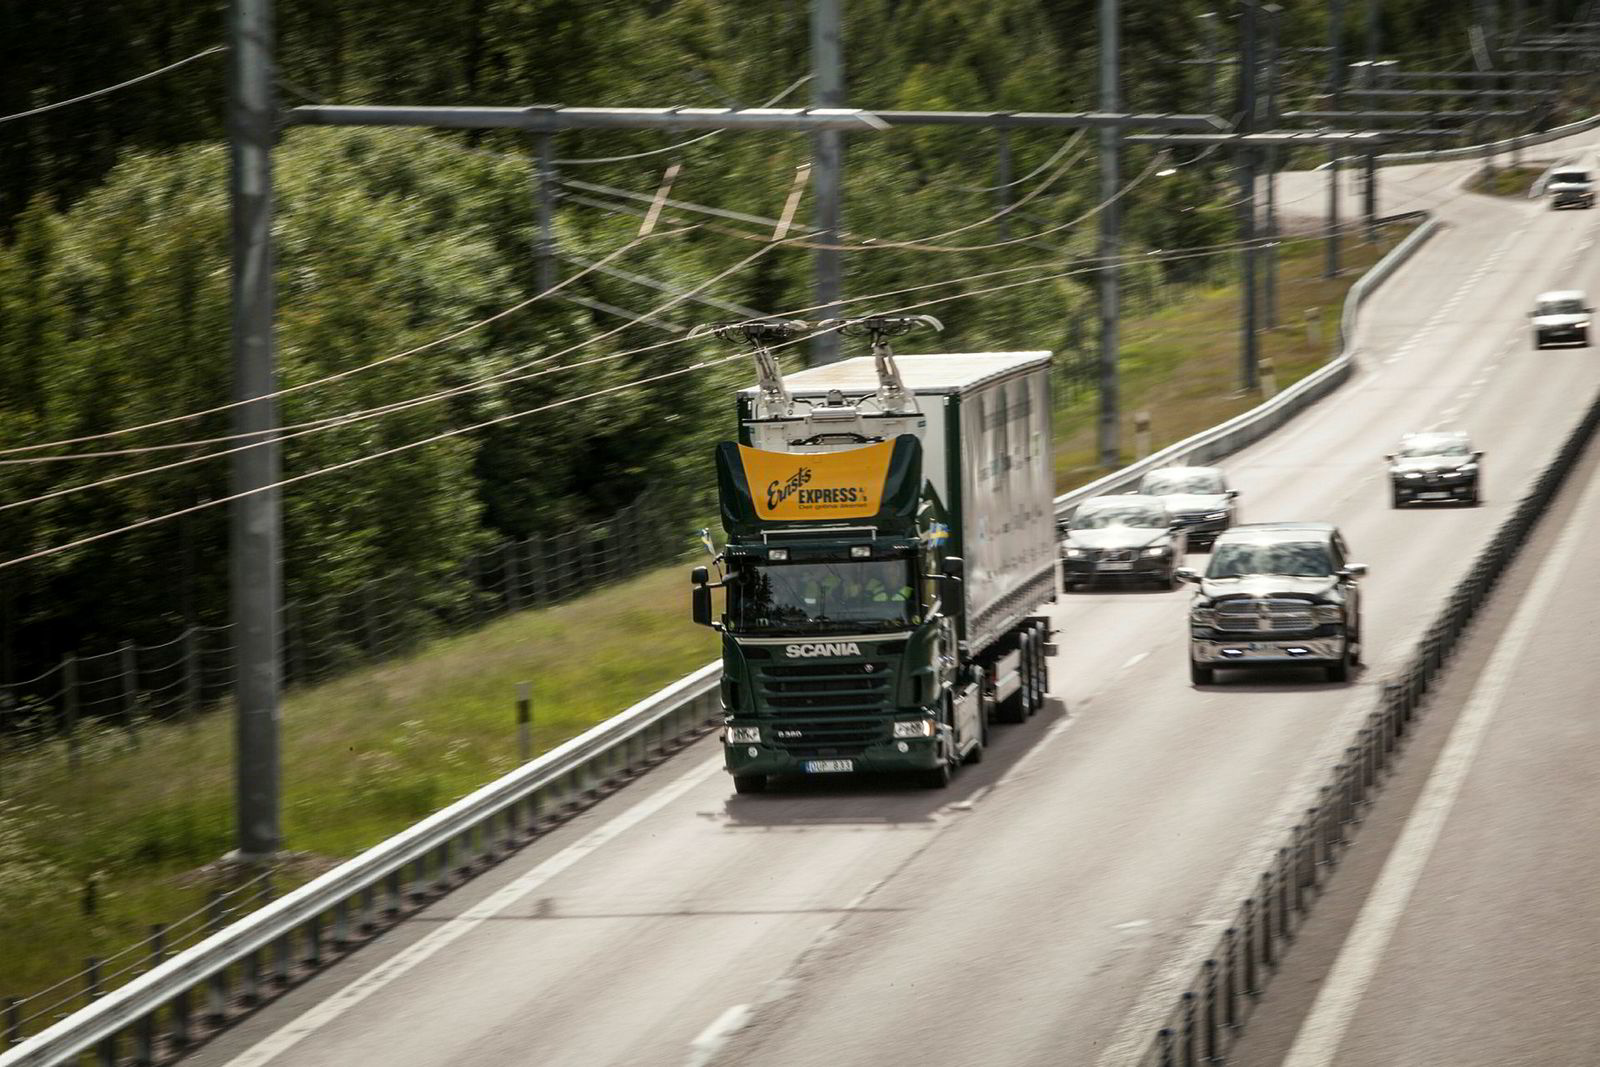 For best driftsøkonomi, bør en lastebil være på veien så mye som mulig. Løsninger som gjør at bilene kan kjøres elektrisk er både miljøvennlig og gir lavere drivstoffutgifter. I tillegg spares det tid fordi lastebilen slipper å lade i mange timer på en parkeringsplass.